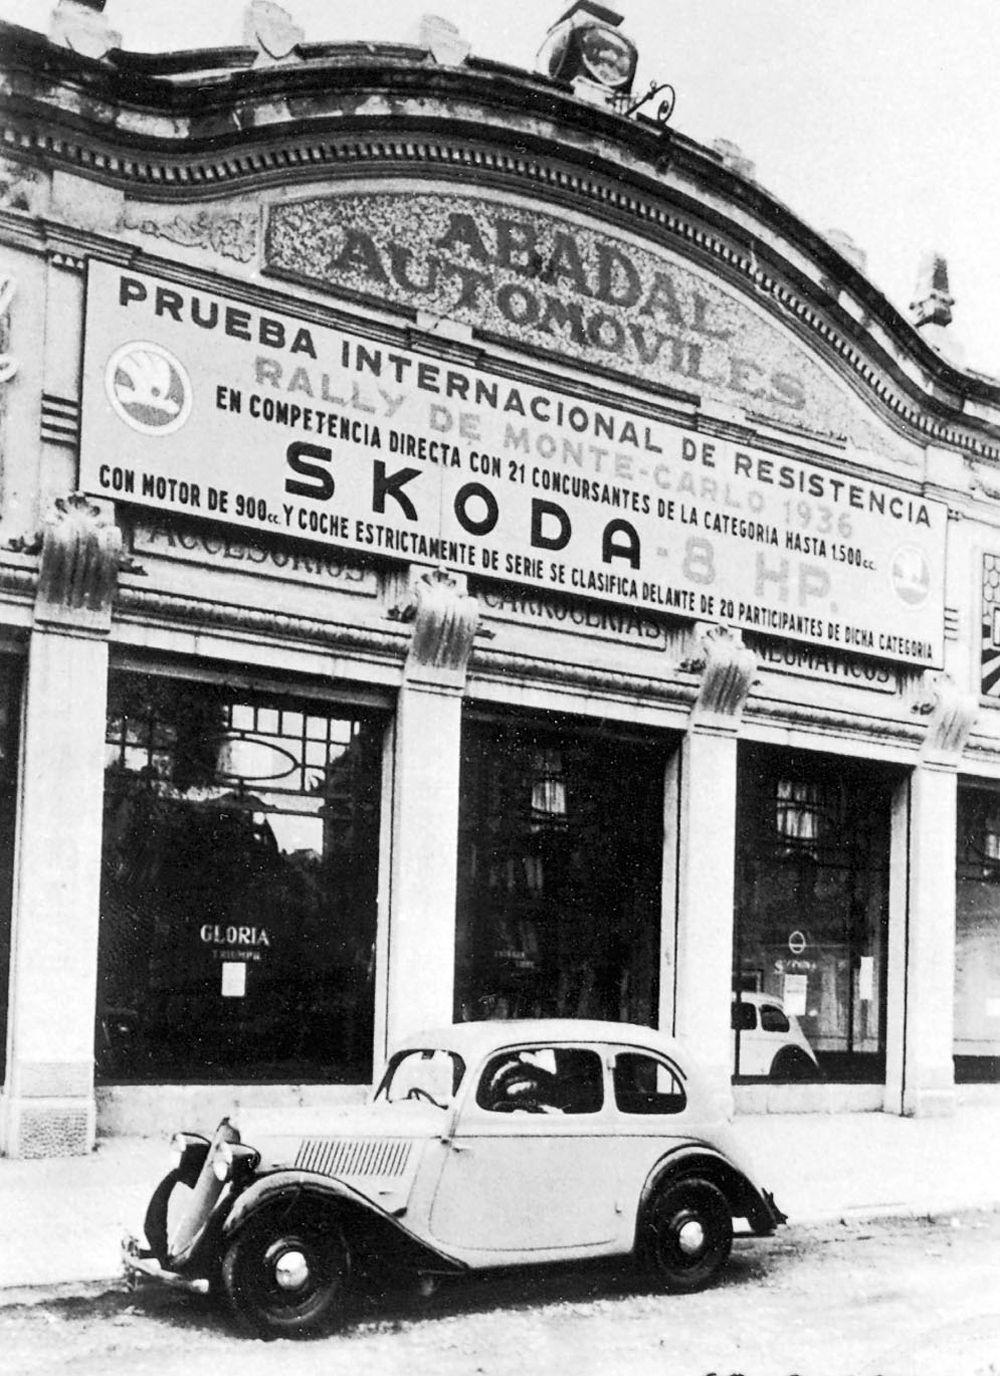 concesionario-352-koda-en-barcelona-en-1936